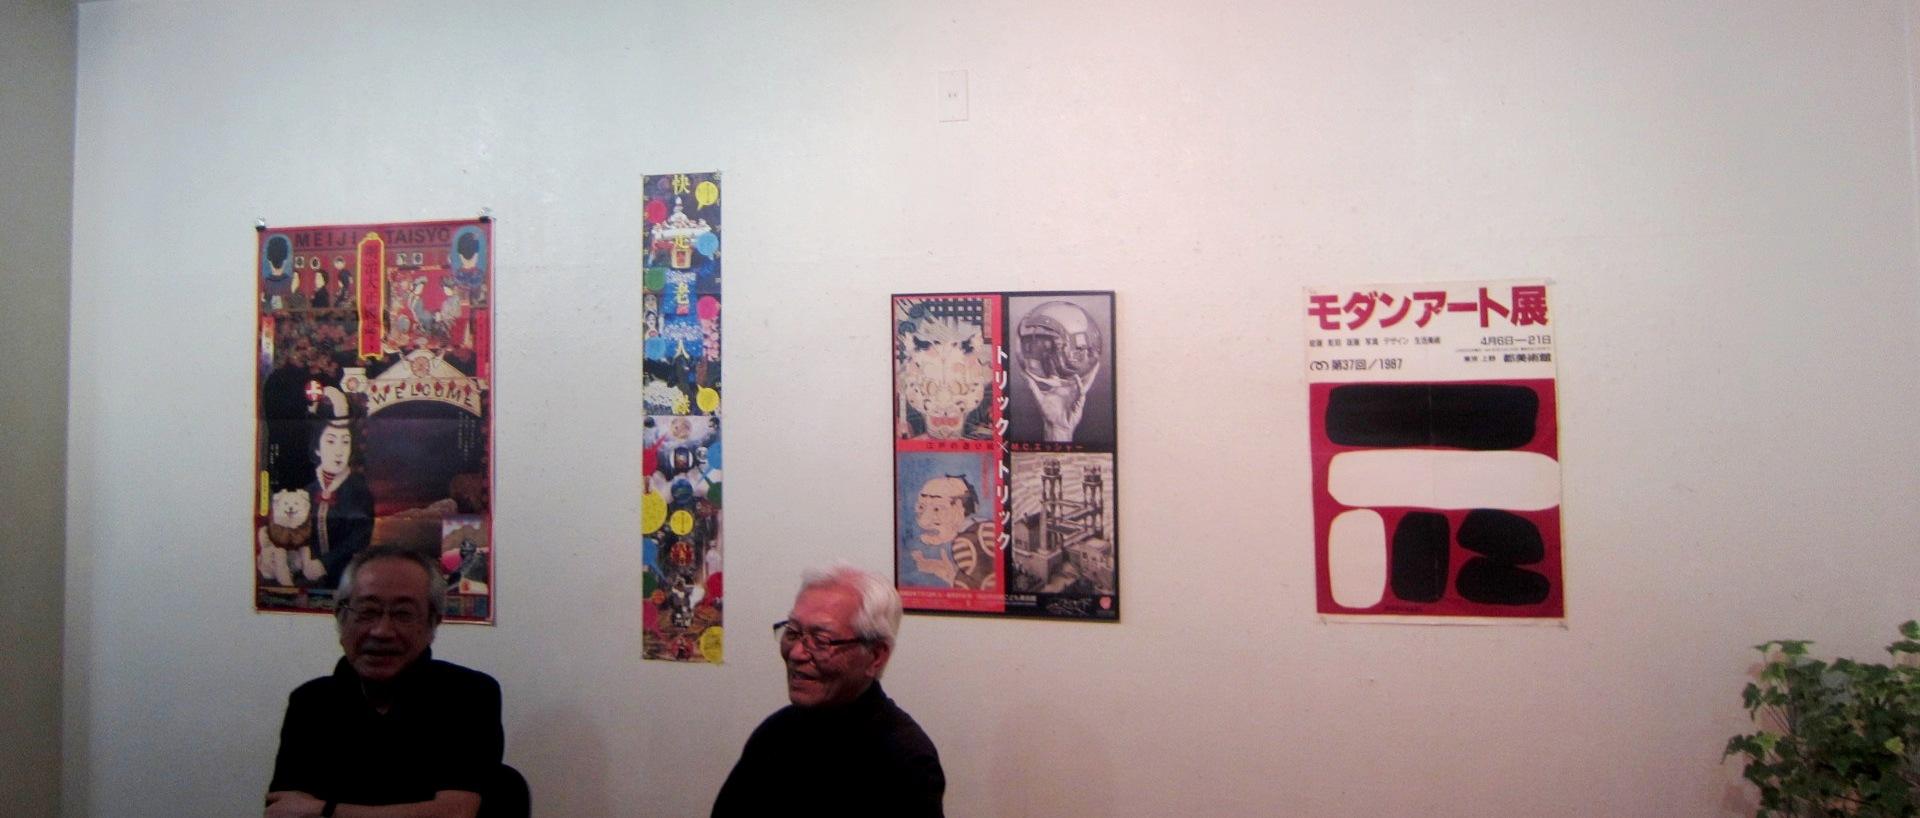 2075)①「ポスターコレクション展」 たぴお 5月27日(月)~6月1日(土)_f0126829_1139578.jpg